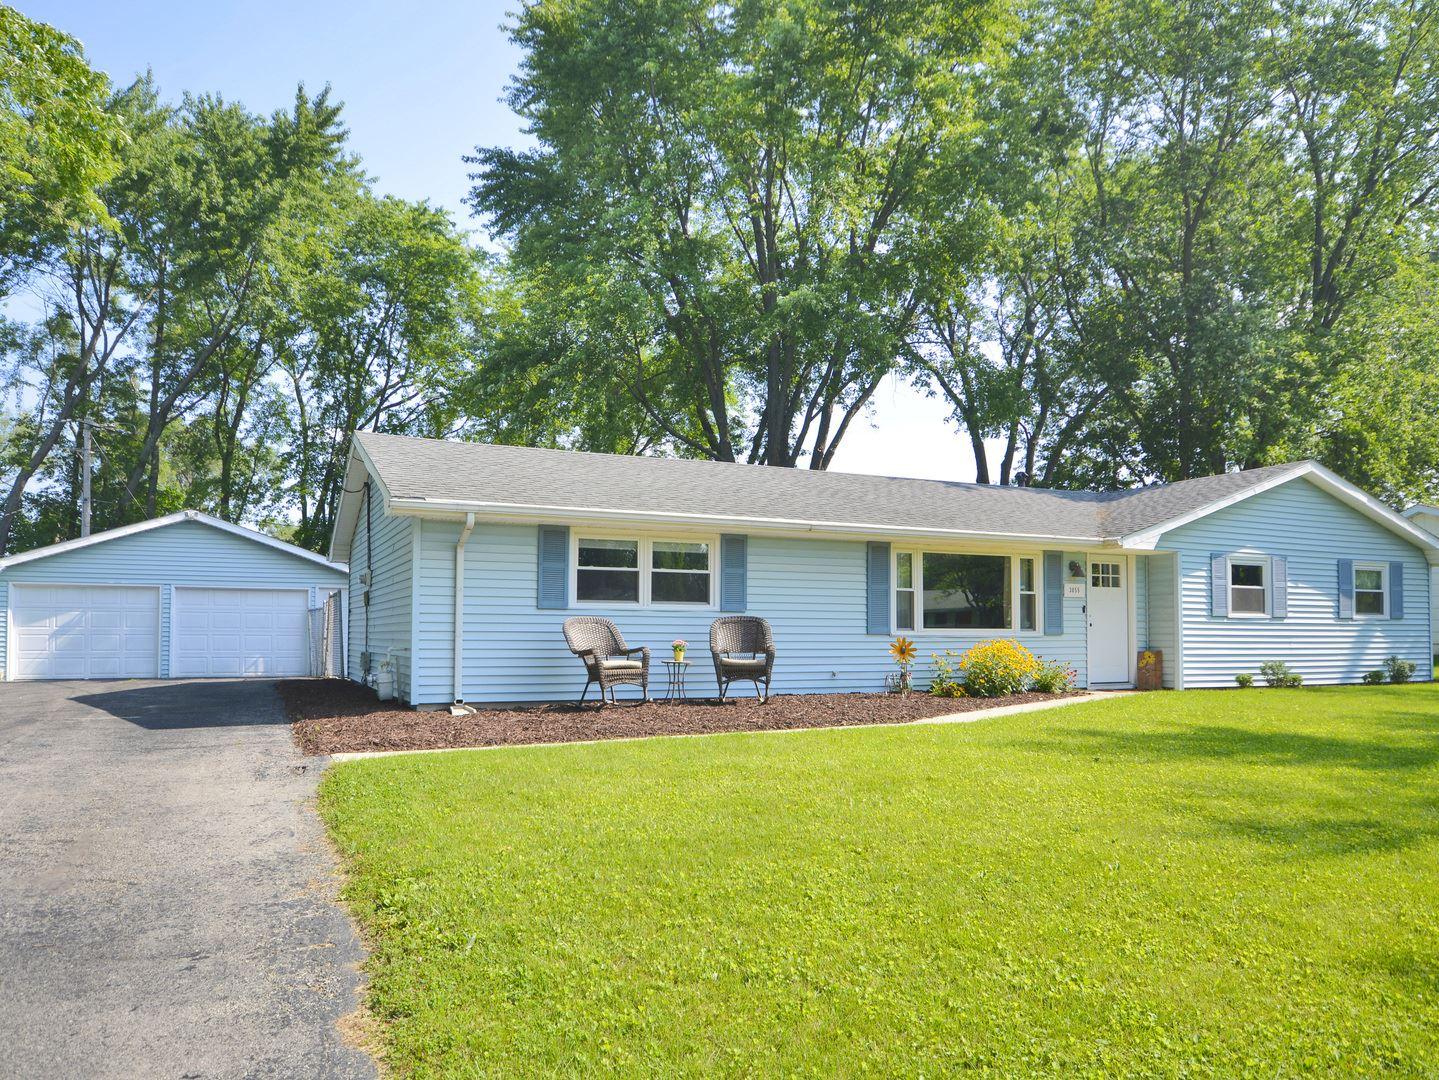 Photo of 3055 Willardshire Road, Joliet, IL 60431 (MLS # 11164769)